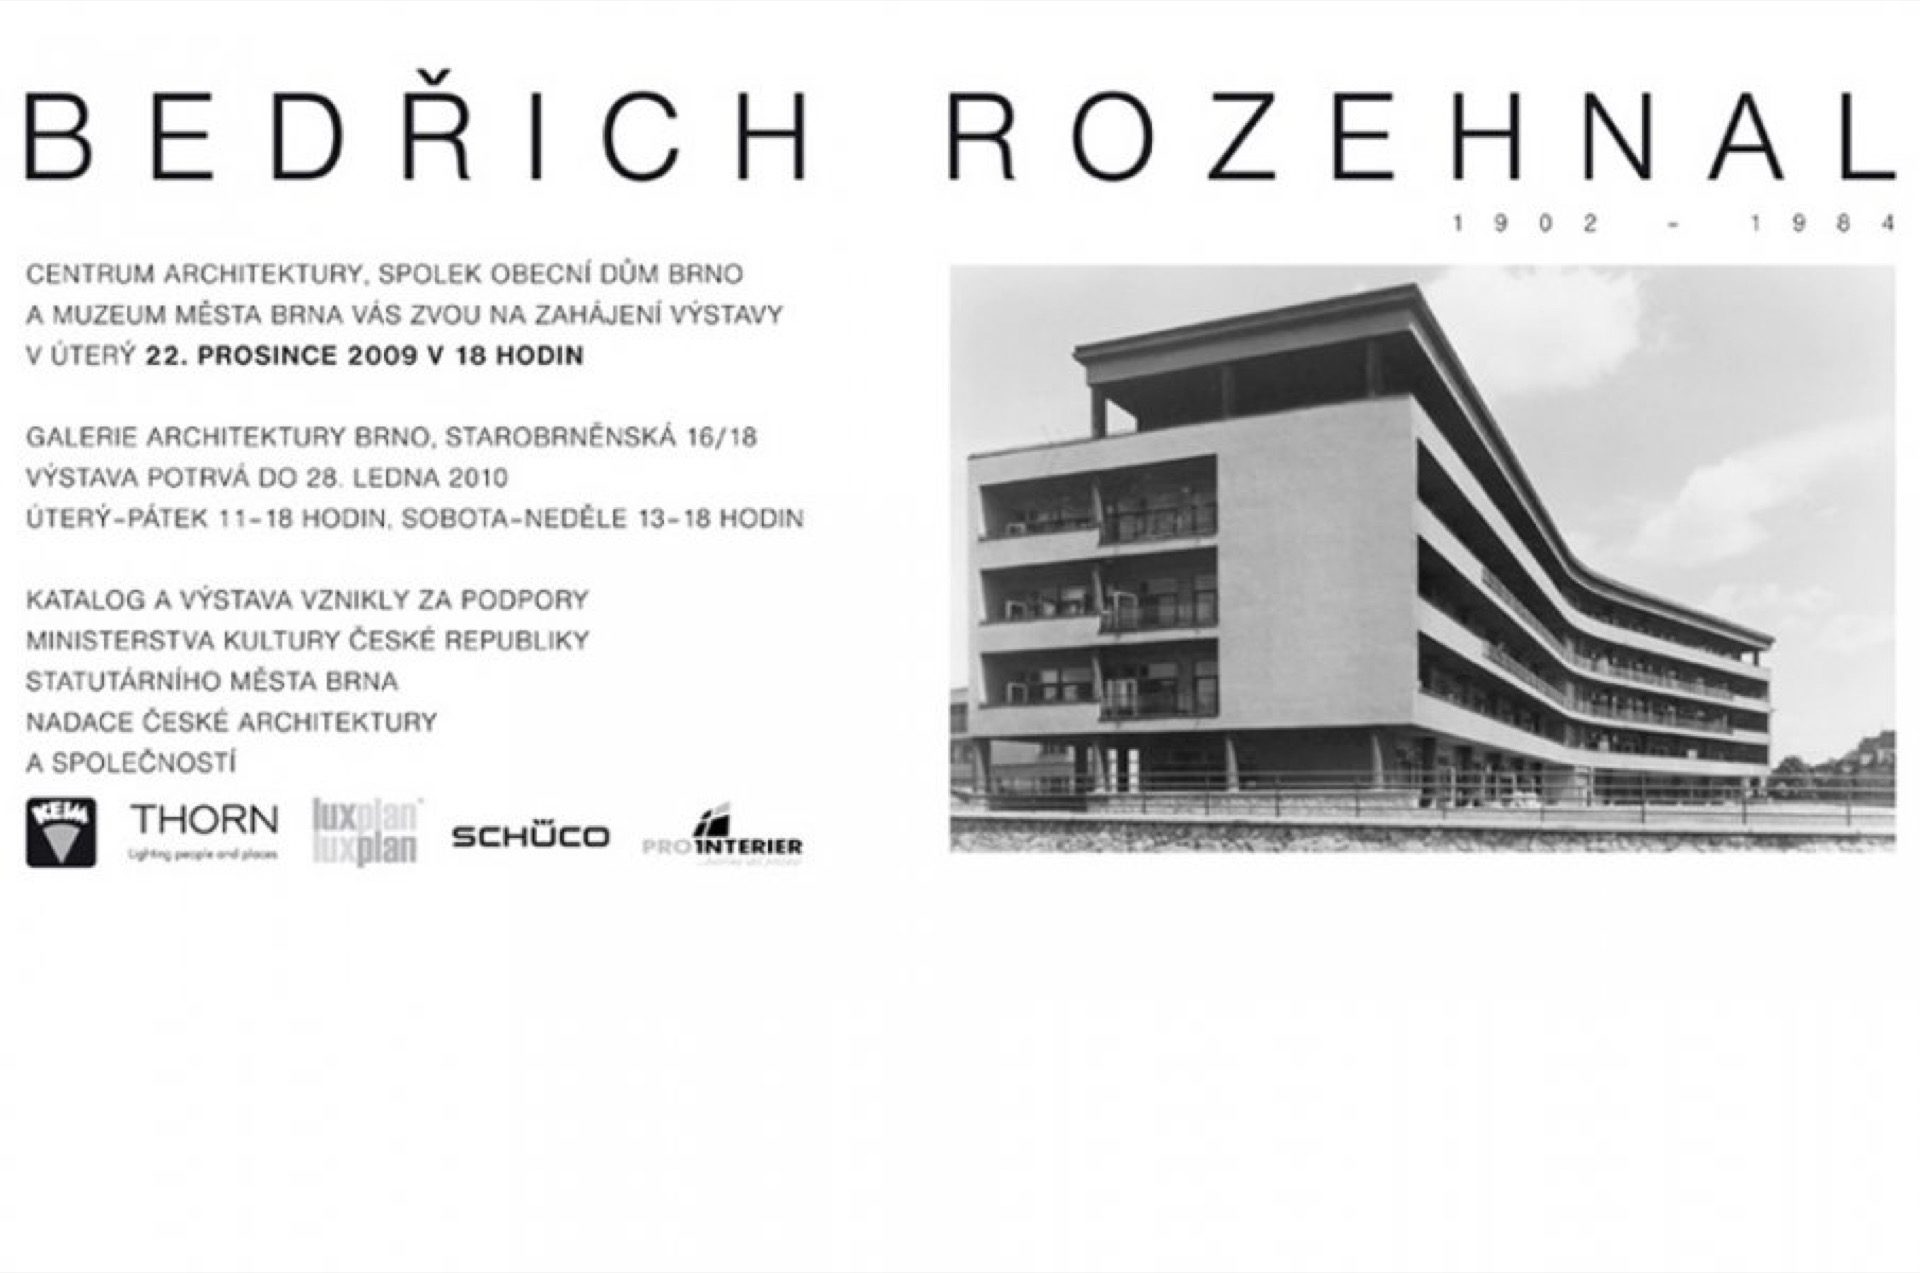 Další zbílých monografií, tentokrát Bedřich Rozehnal